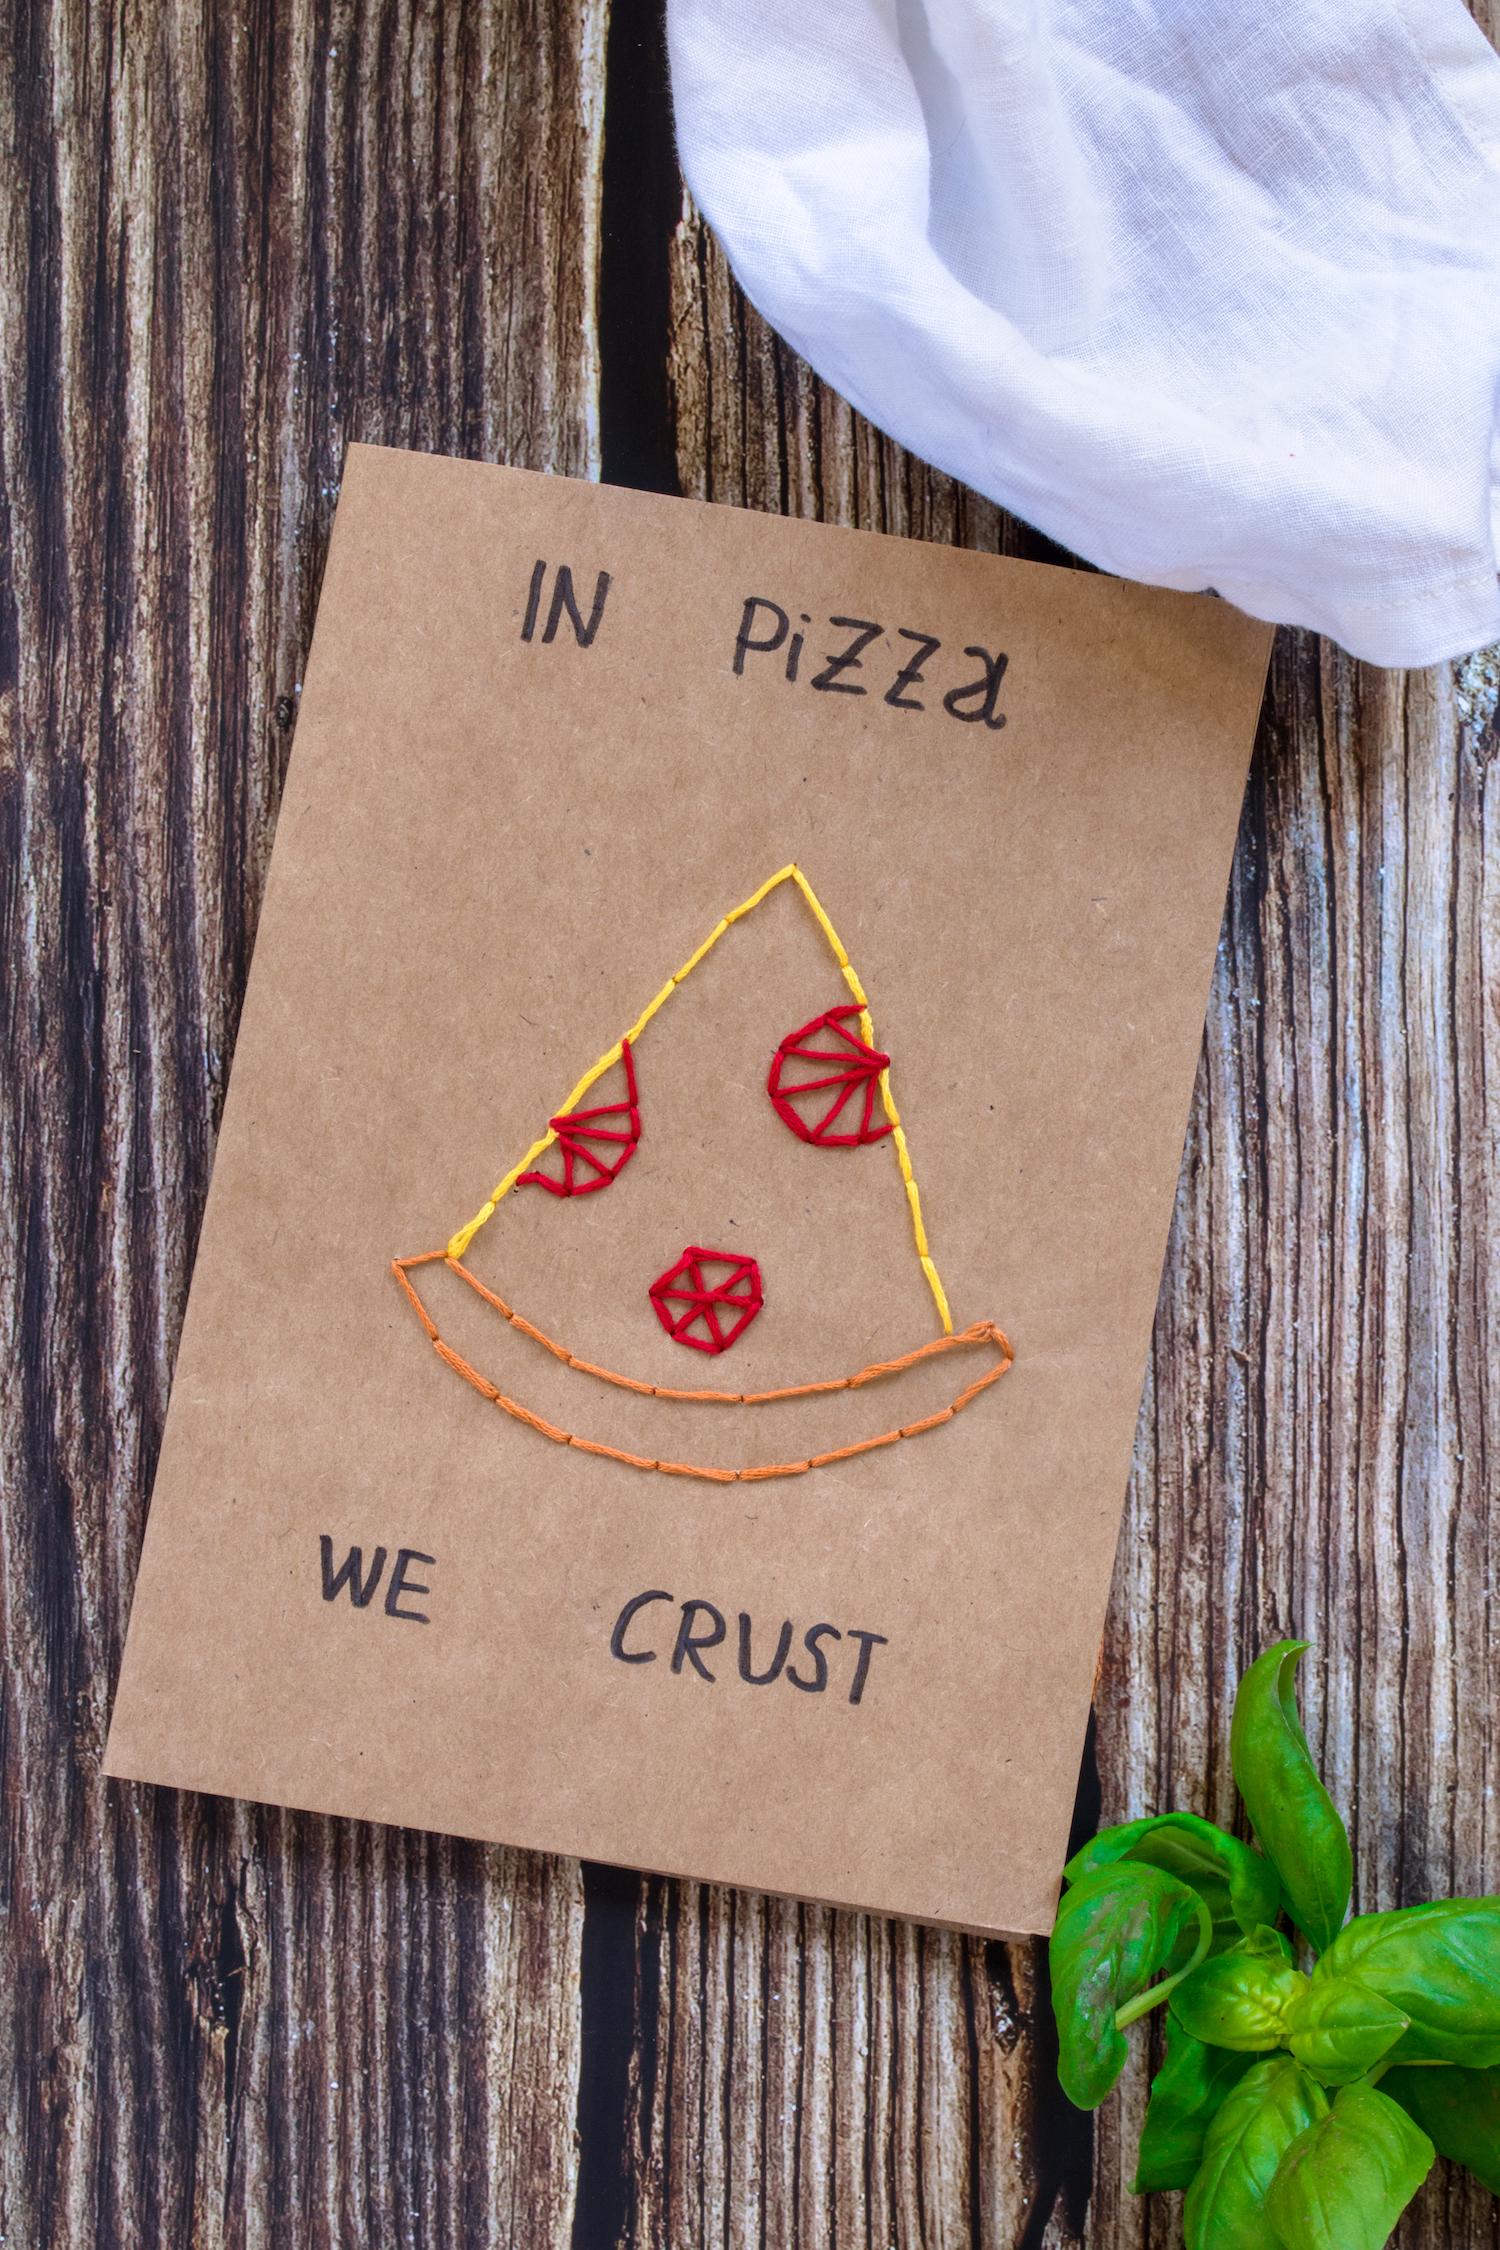 Eine bestickte Karte als Pizzagutschein.